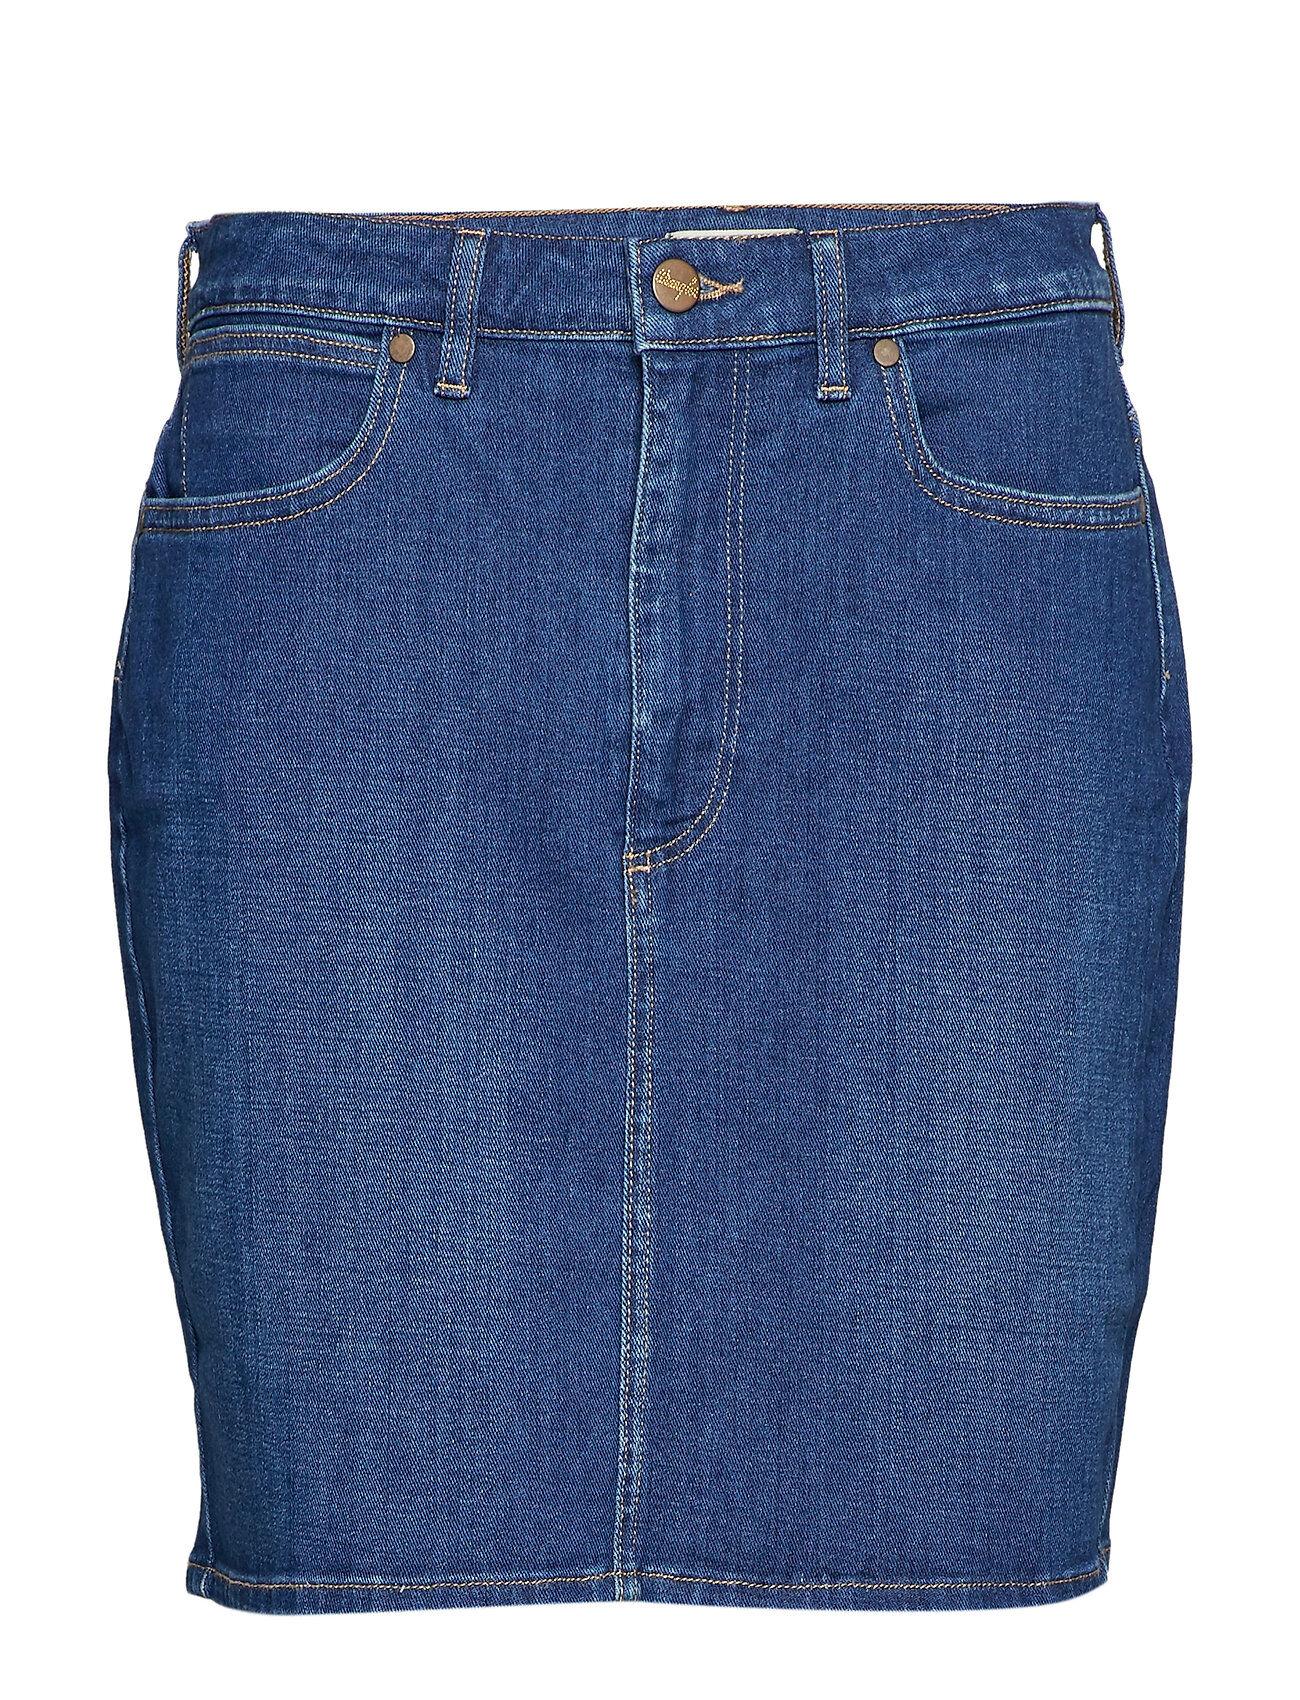 Wrangler Mid Length Skirt